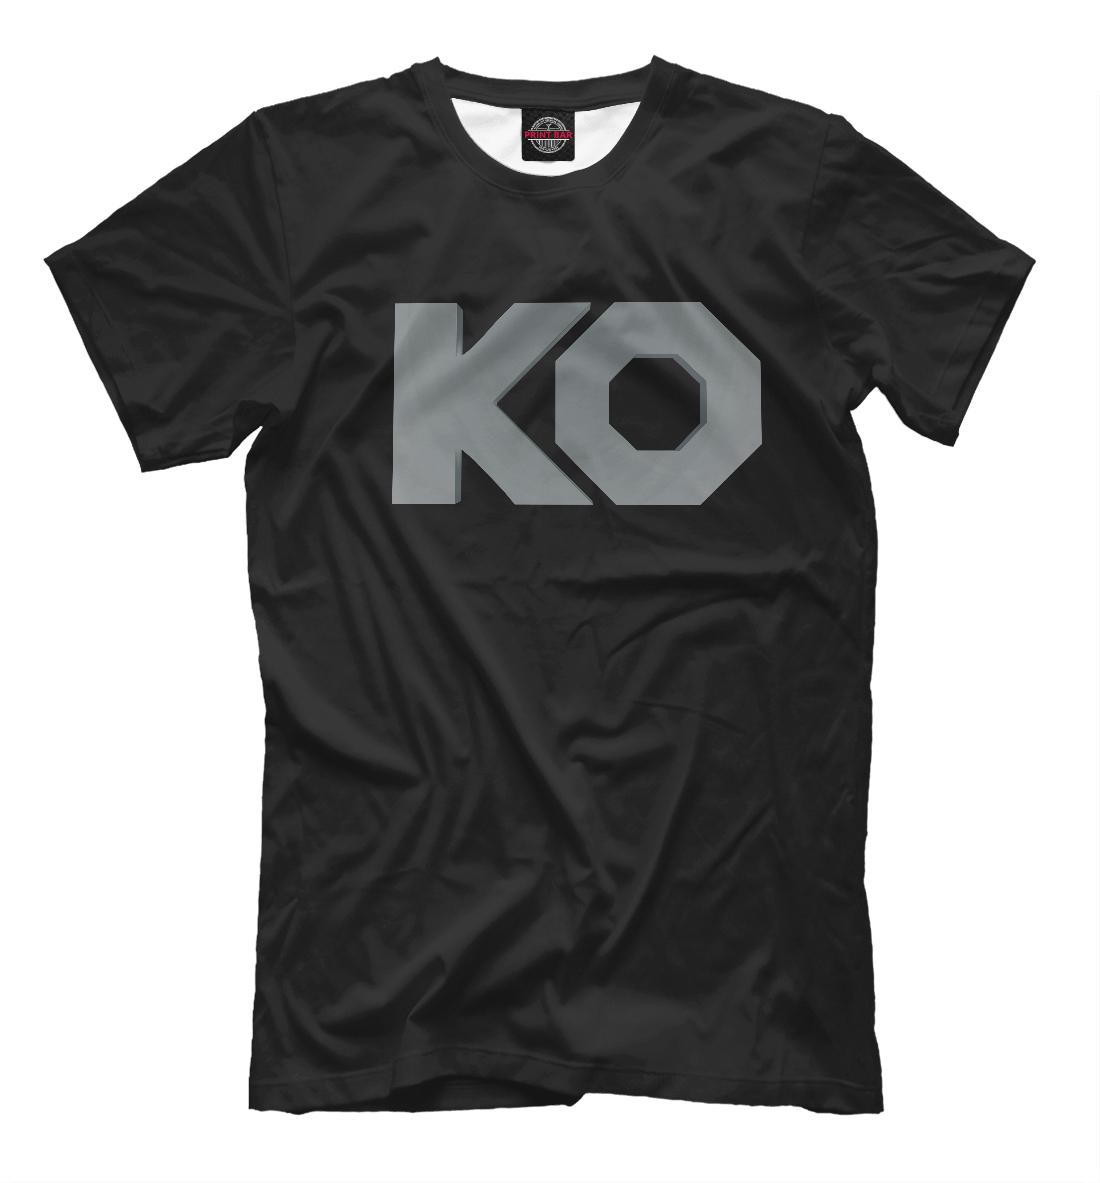 Купить Кевин Оуэнс, Printbar, Футболки, WWE-613554-fut-2